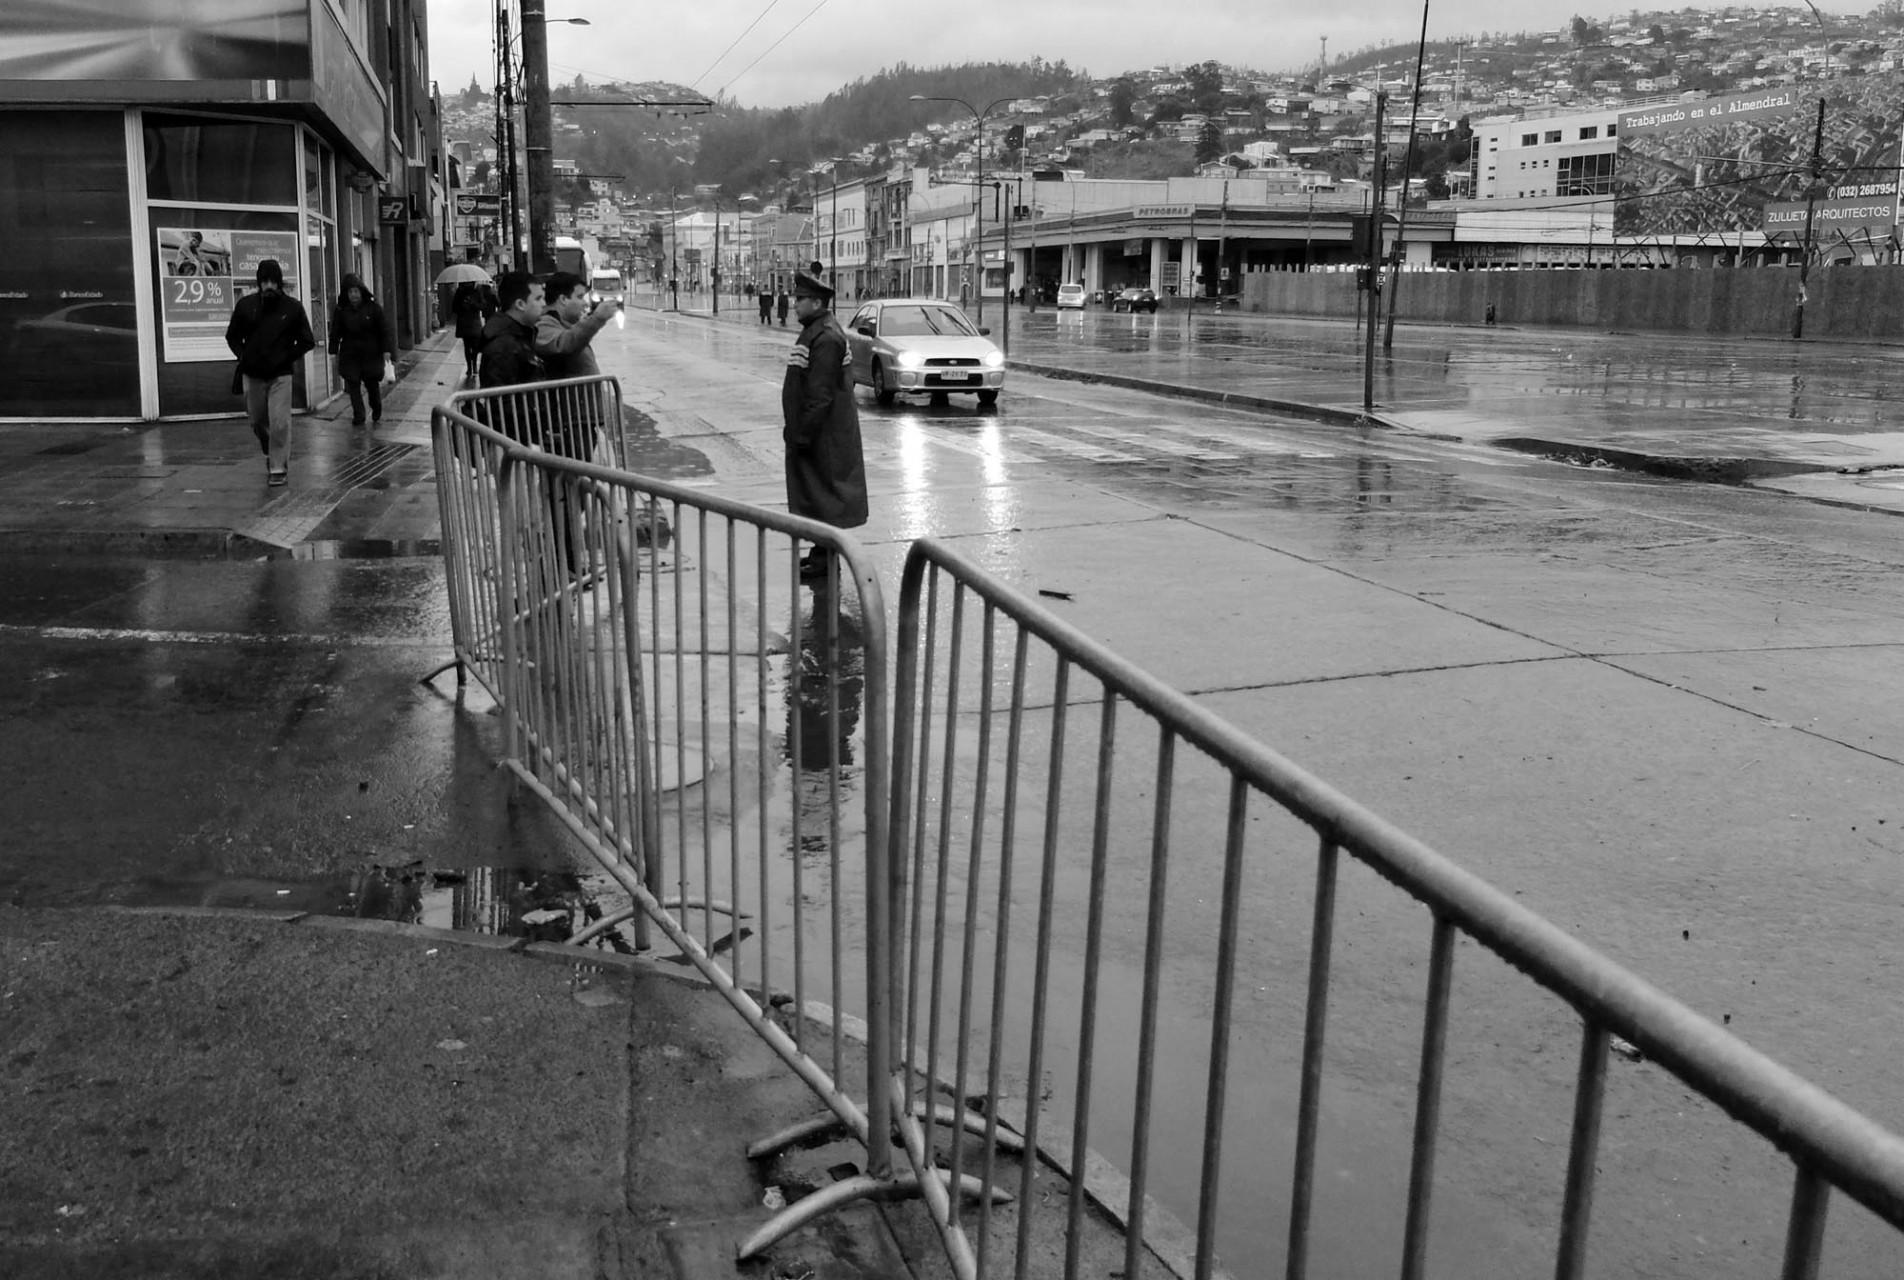 La ciudad amanece el 21 repleta de rejas que complican a los porteños en su desplazamiento normal.